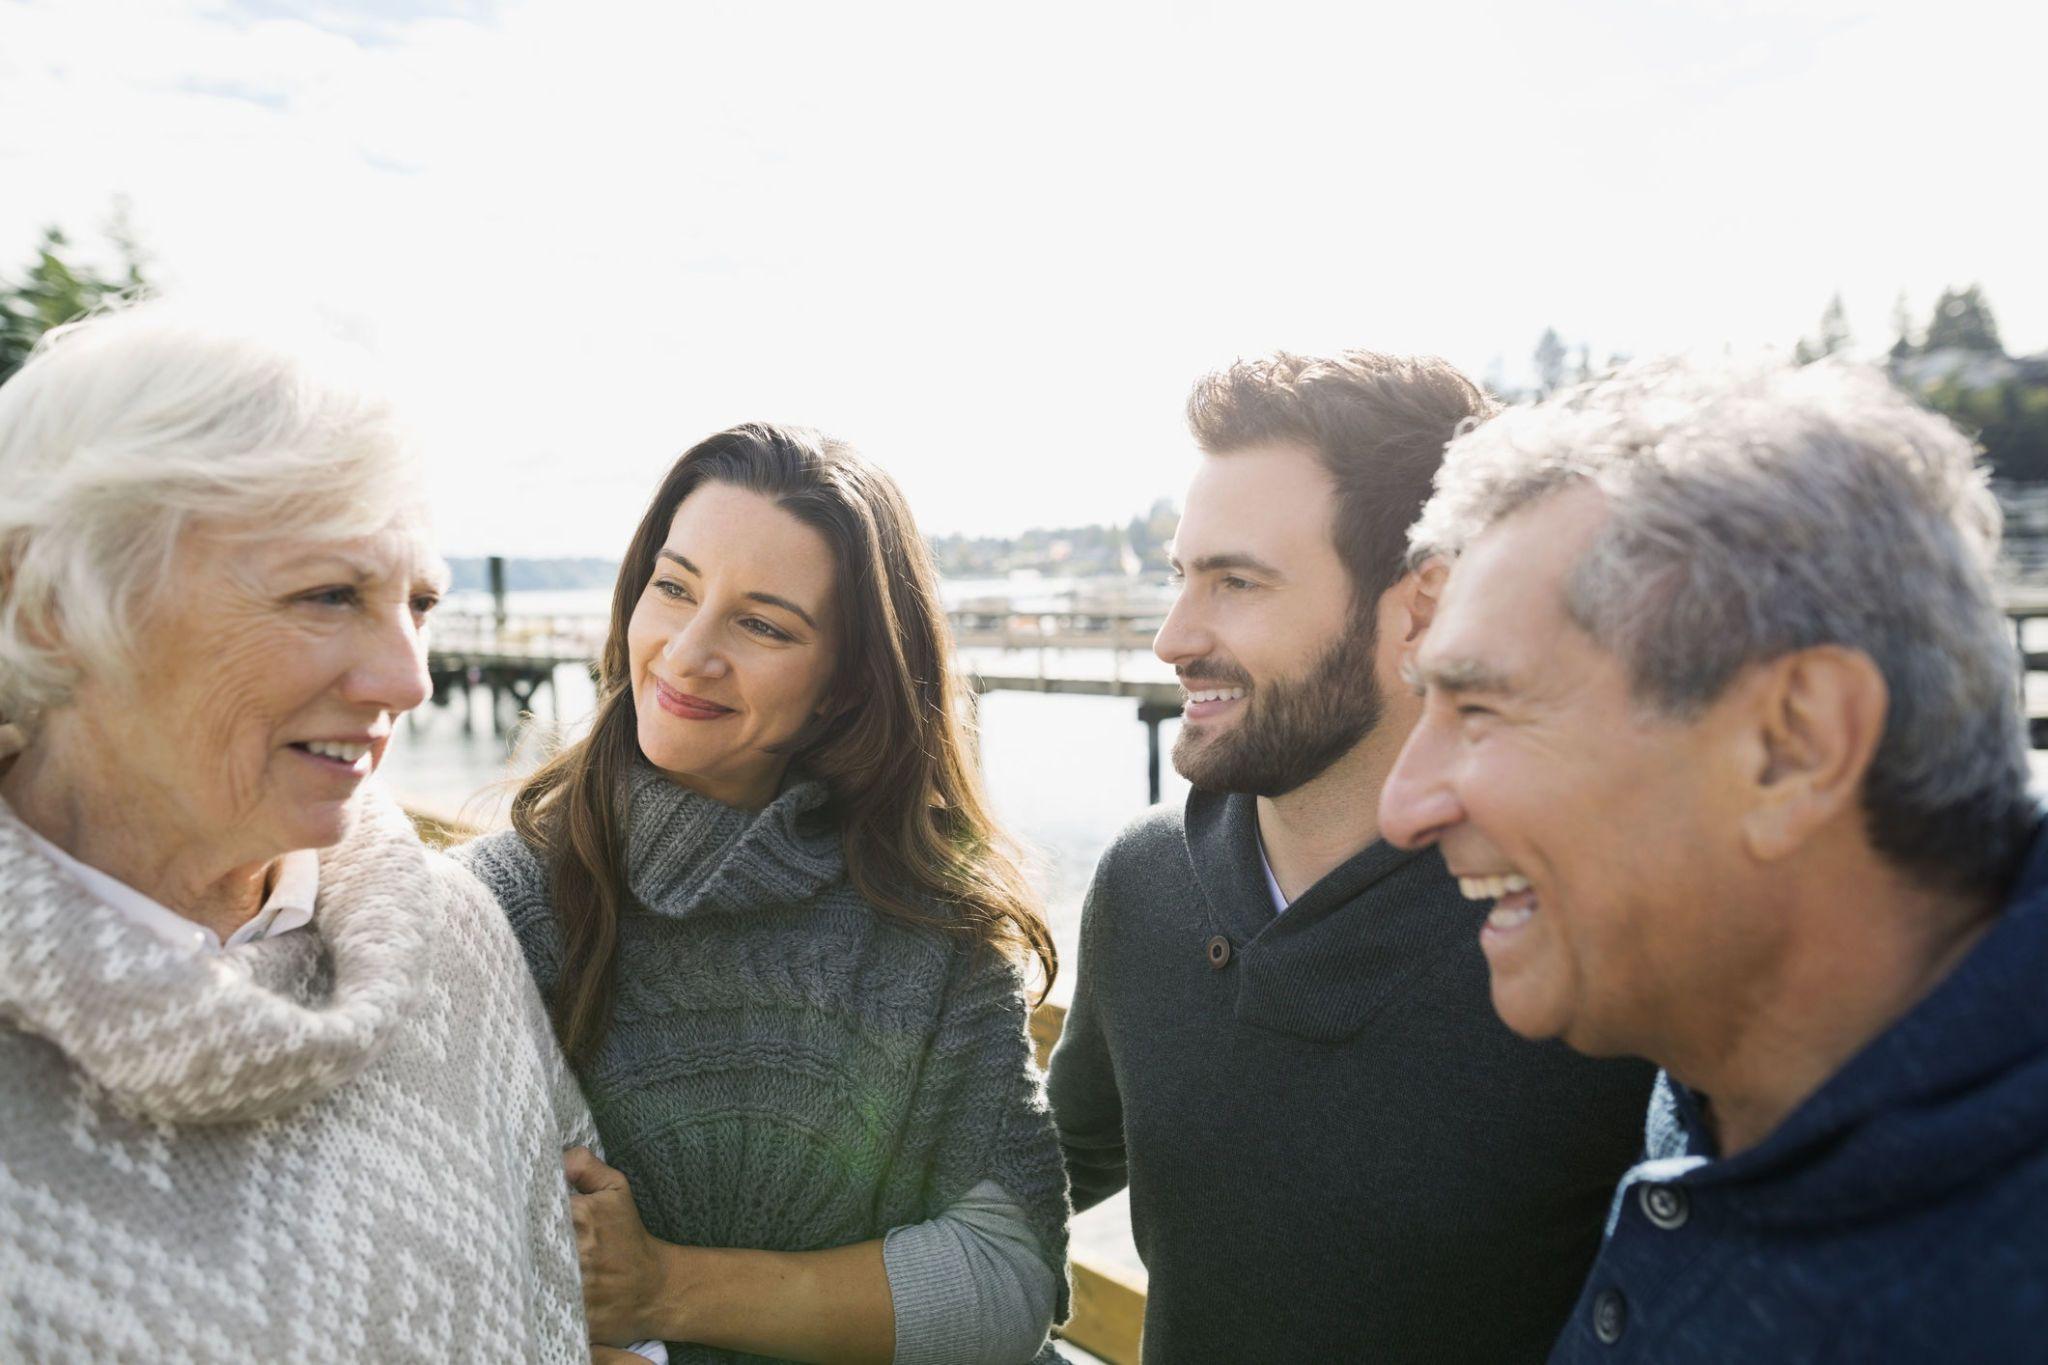 Dating regels voor oudere paren dating sites Canada Fish